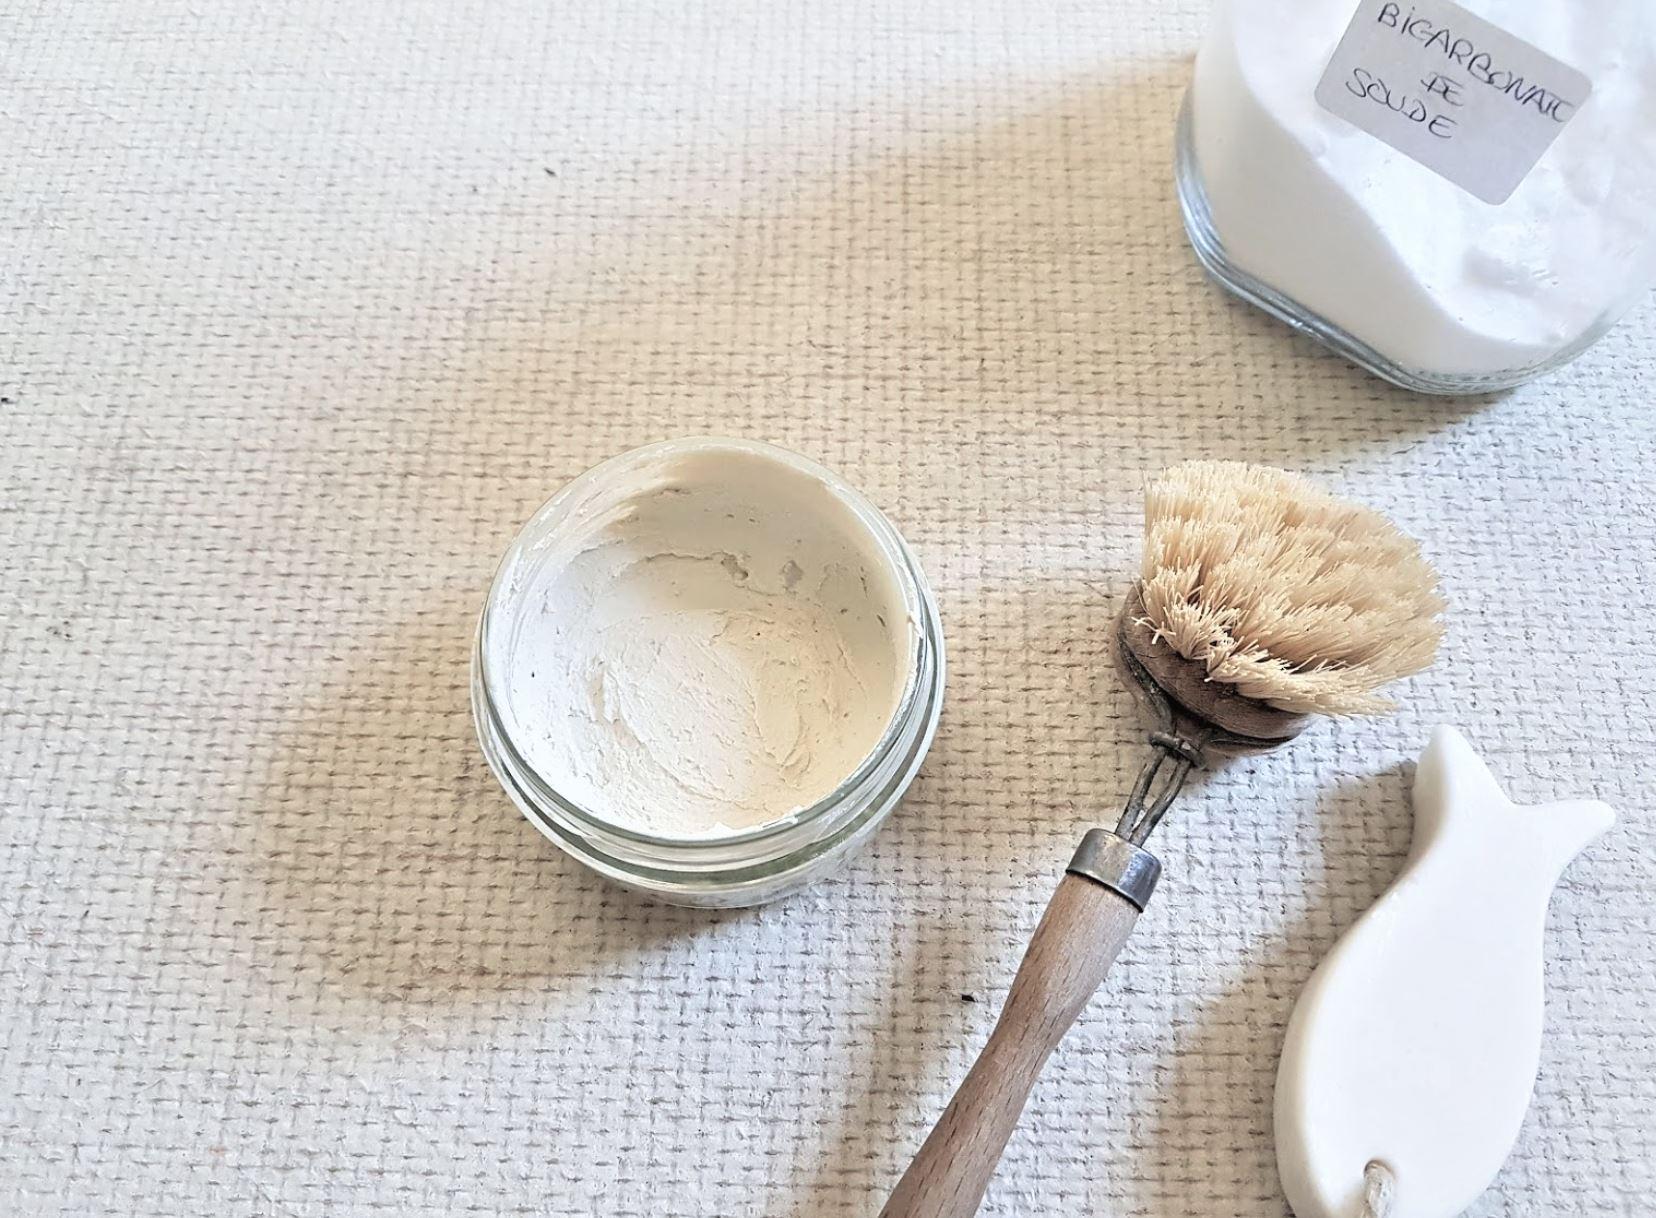 pierre argile recette tuto maison nettoyer